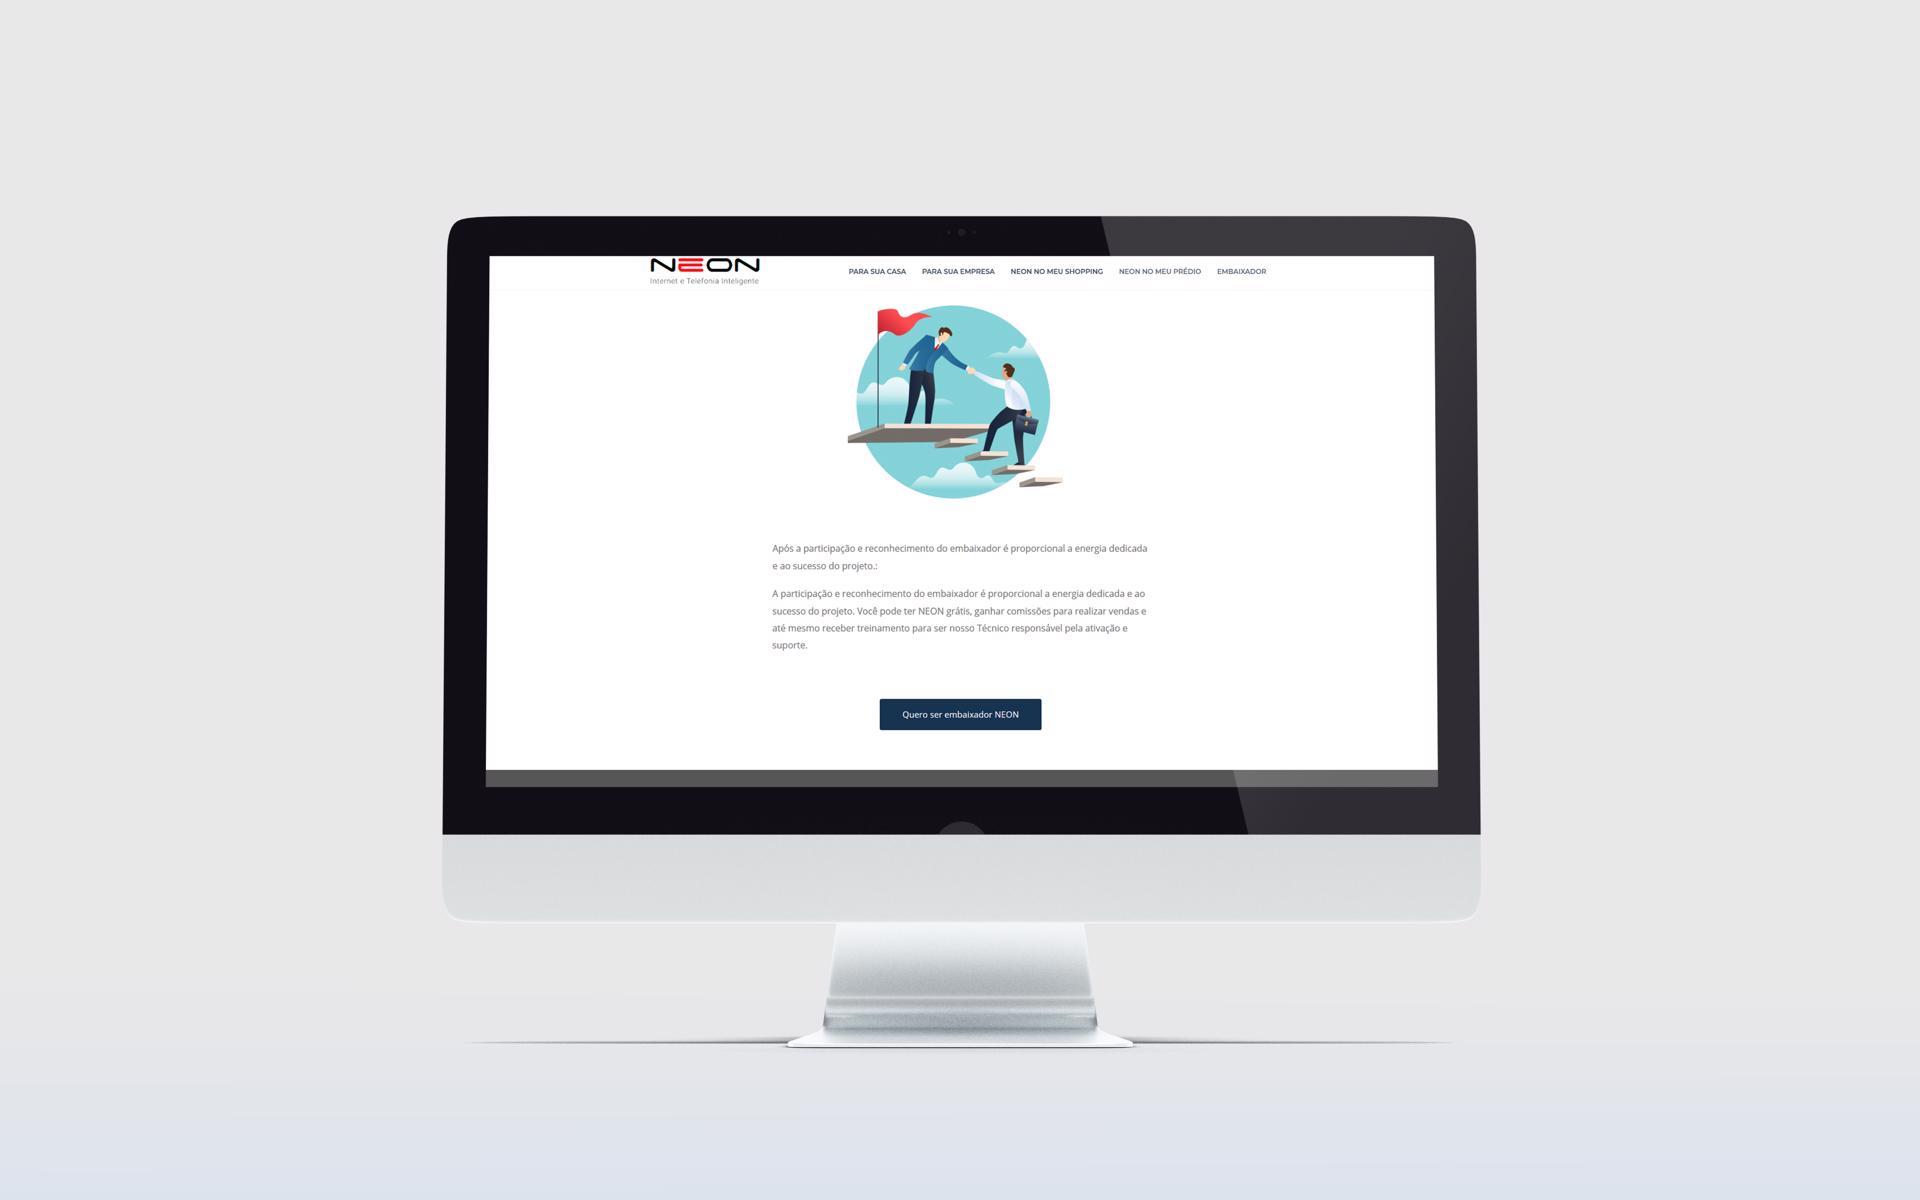 Criação de Sites - NEON Internet - Buenosites - Criação de Sites e Logotipos